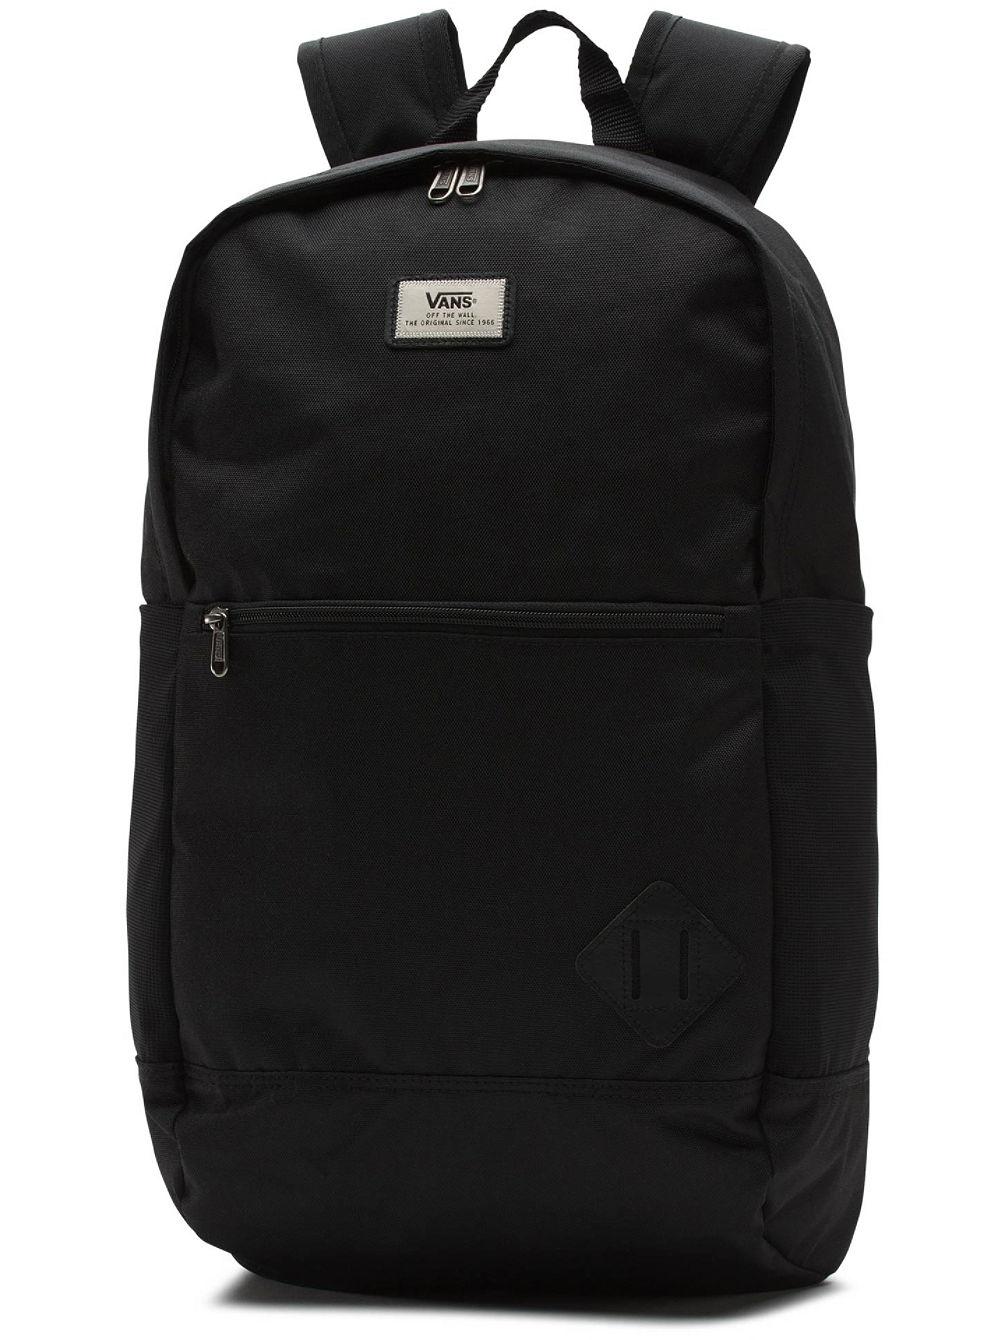 a8e9c3f20d Buy Vans Van Doren III Backpack online at Blue Tomato